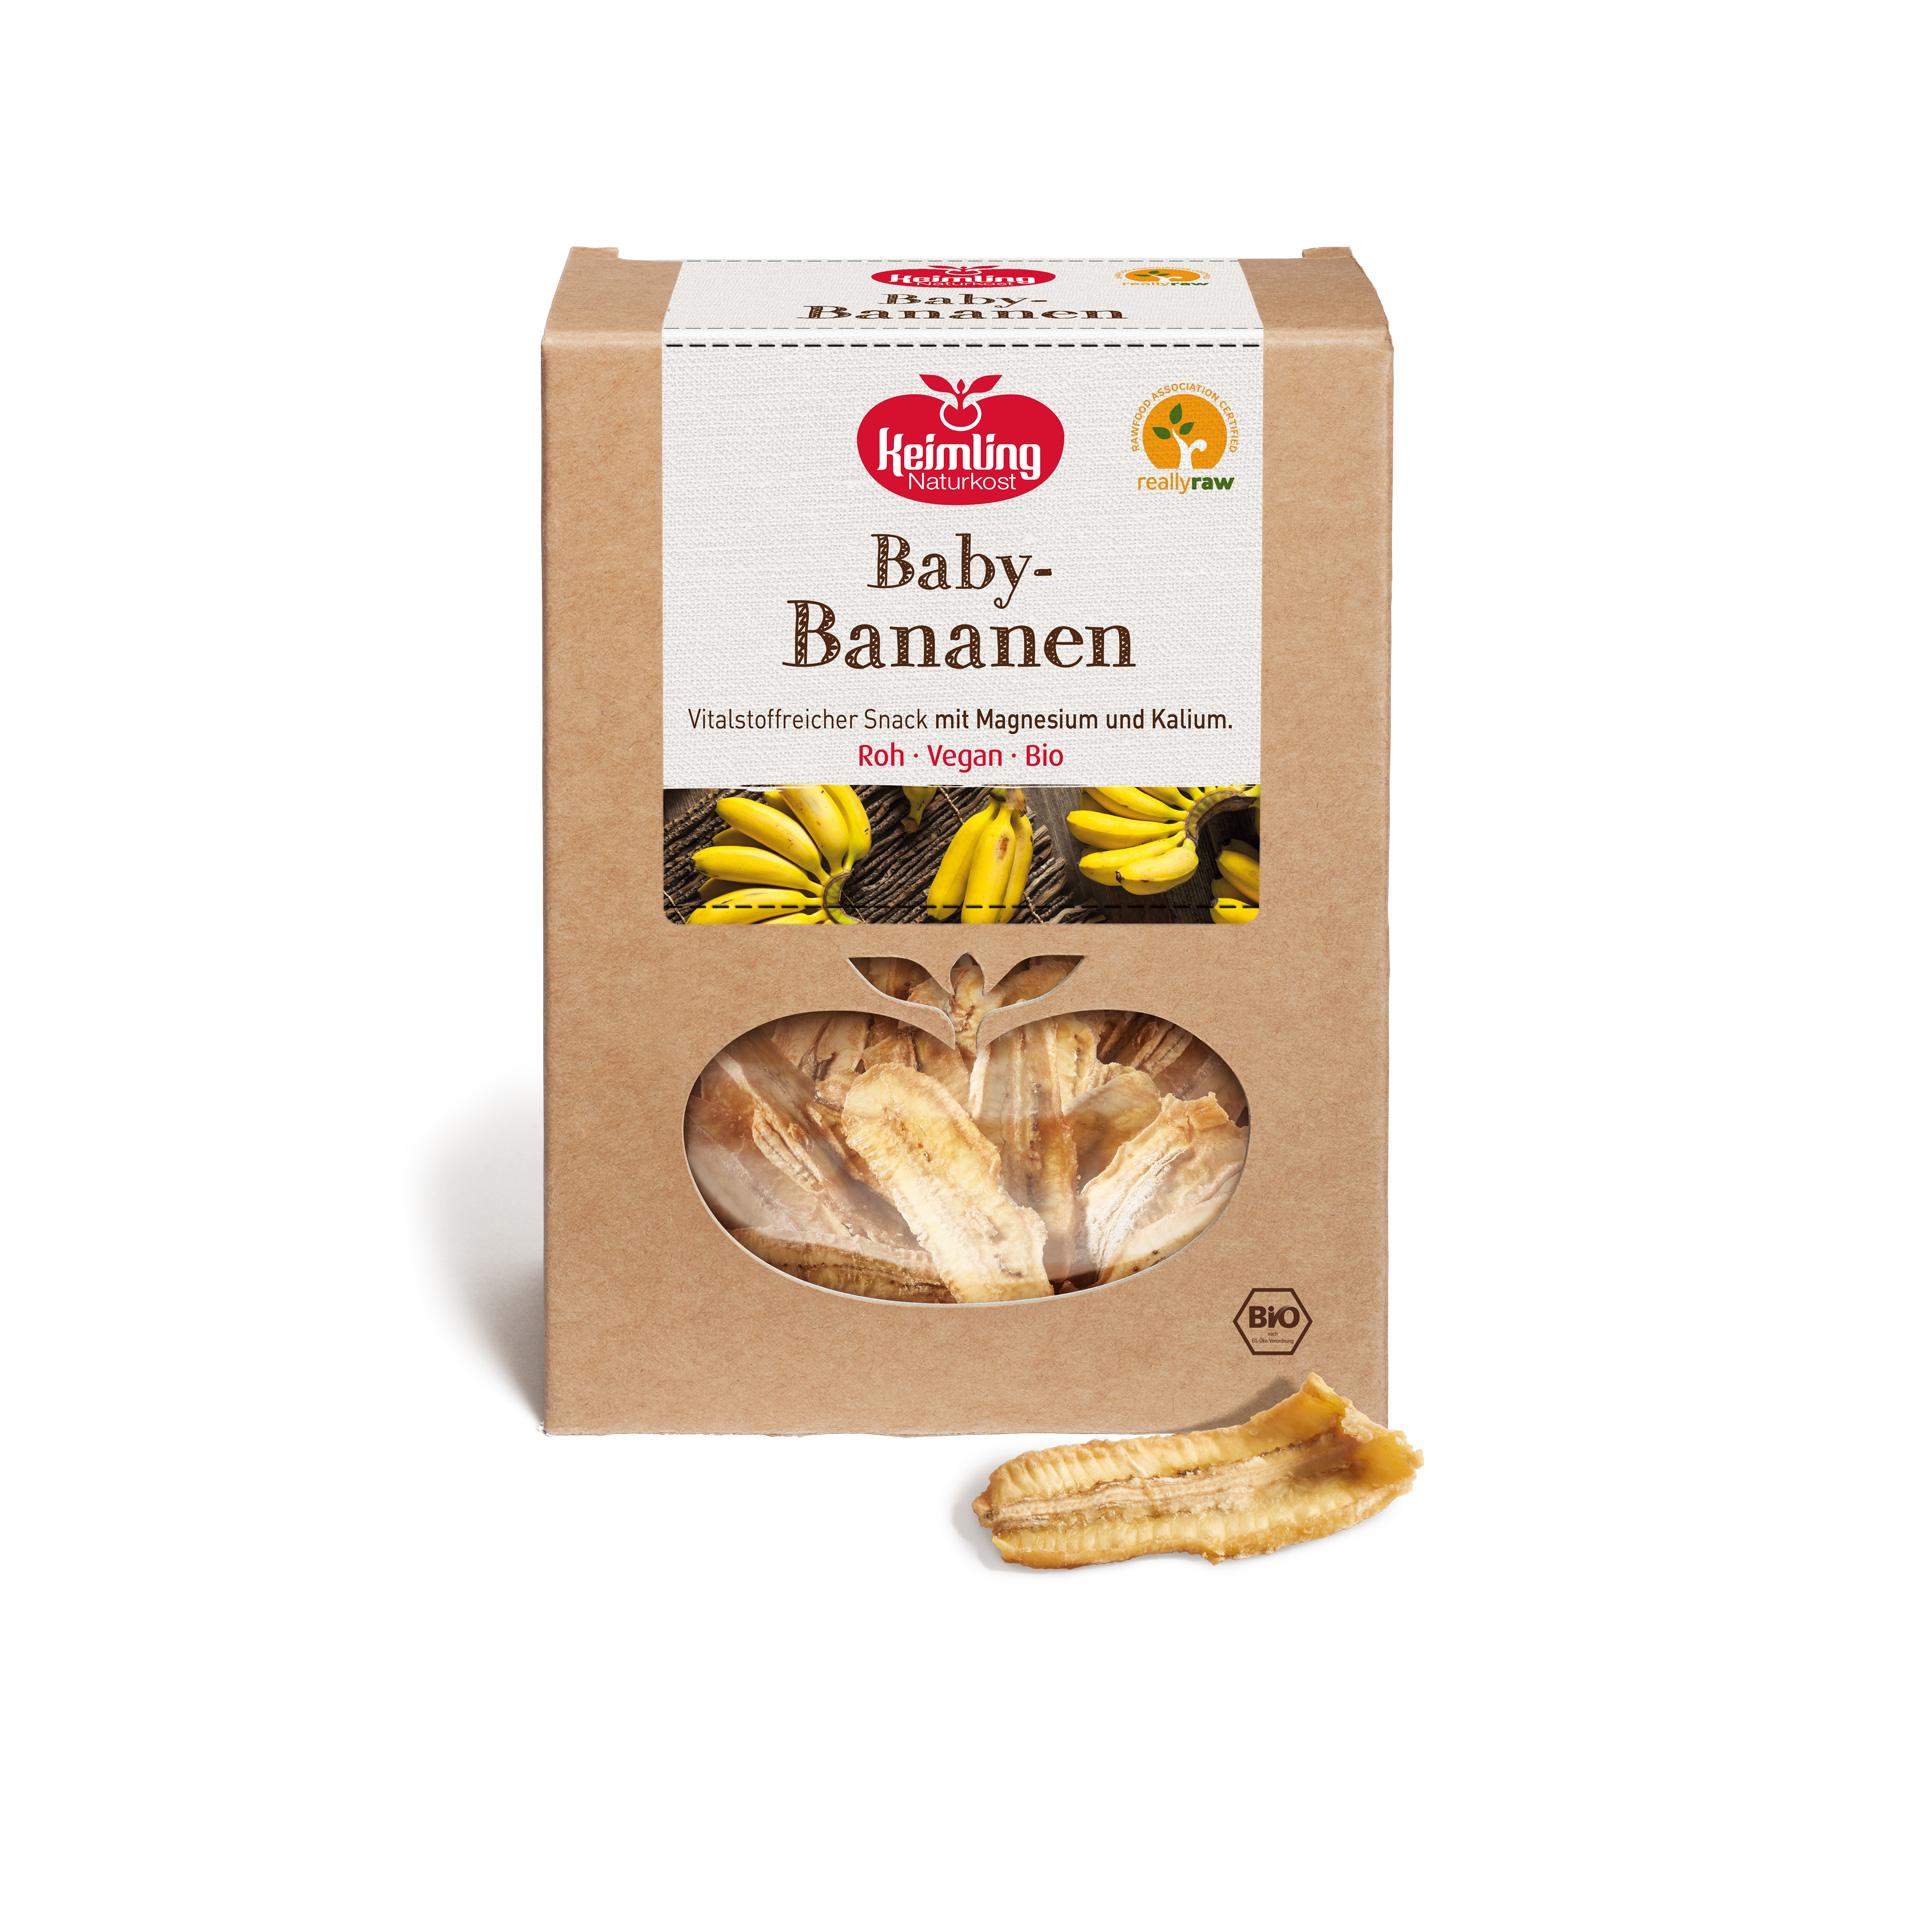 Baby-Bananen von Keimling Naturkost, really raw zertifiziert